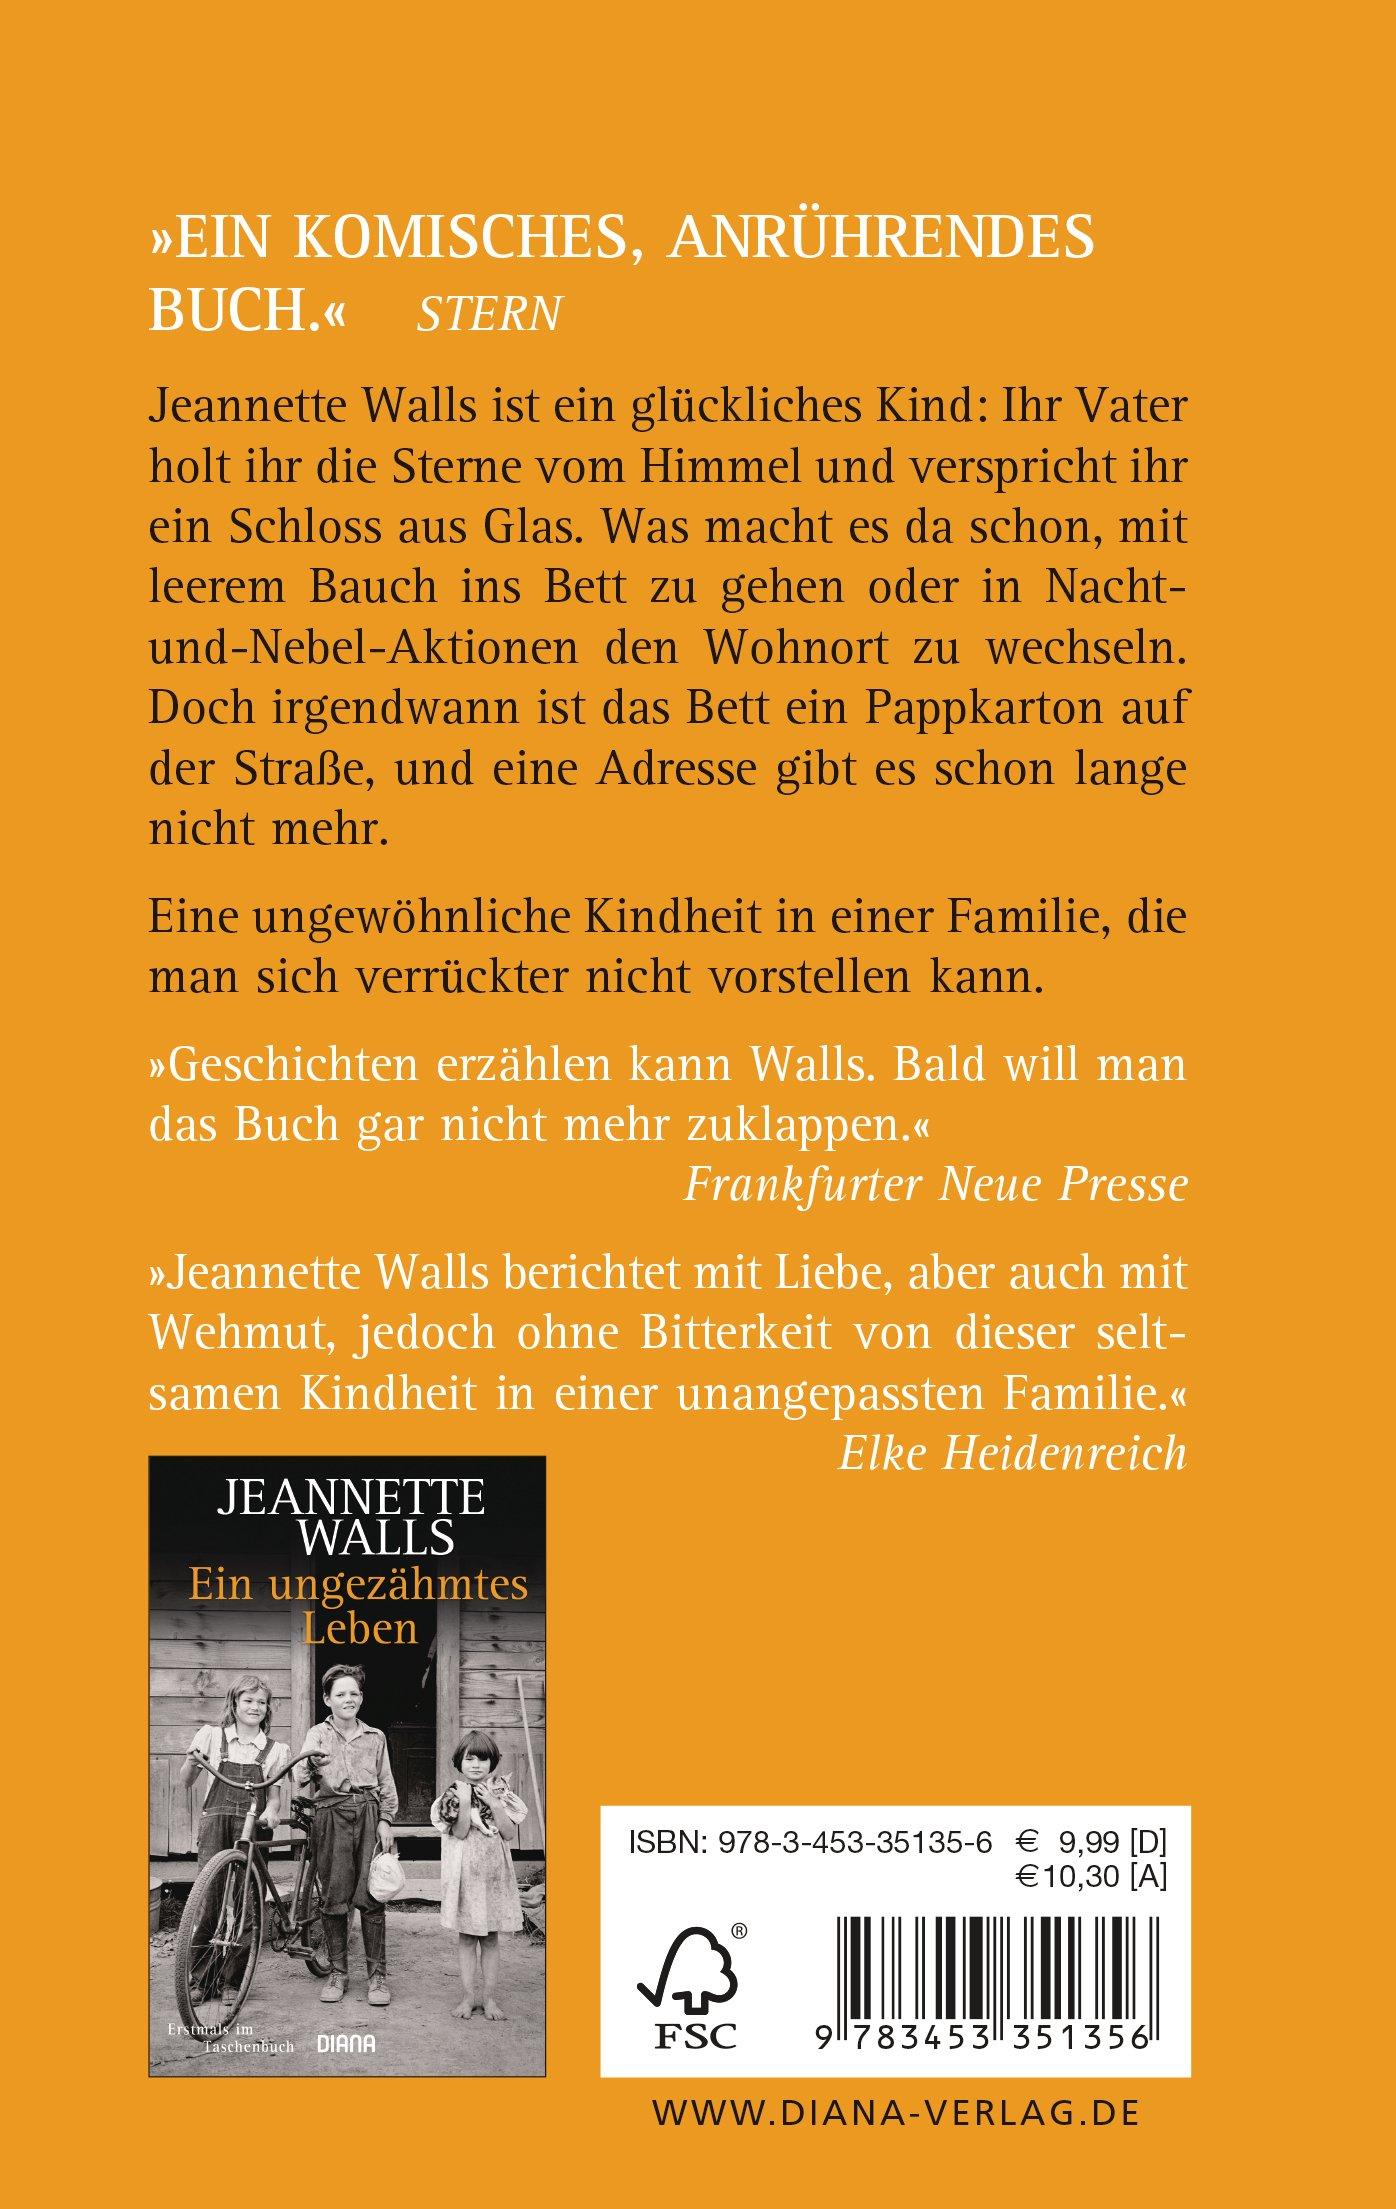 Schloss aus Glas: Jeannette Walls: 9783453351356: Amazon.com: Books